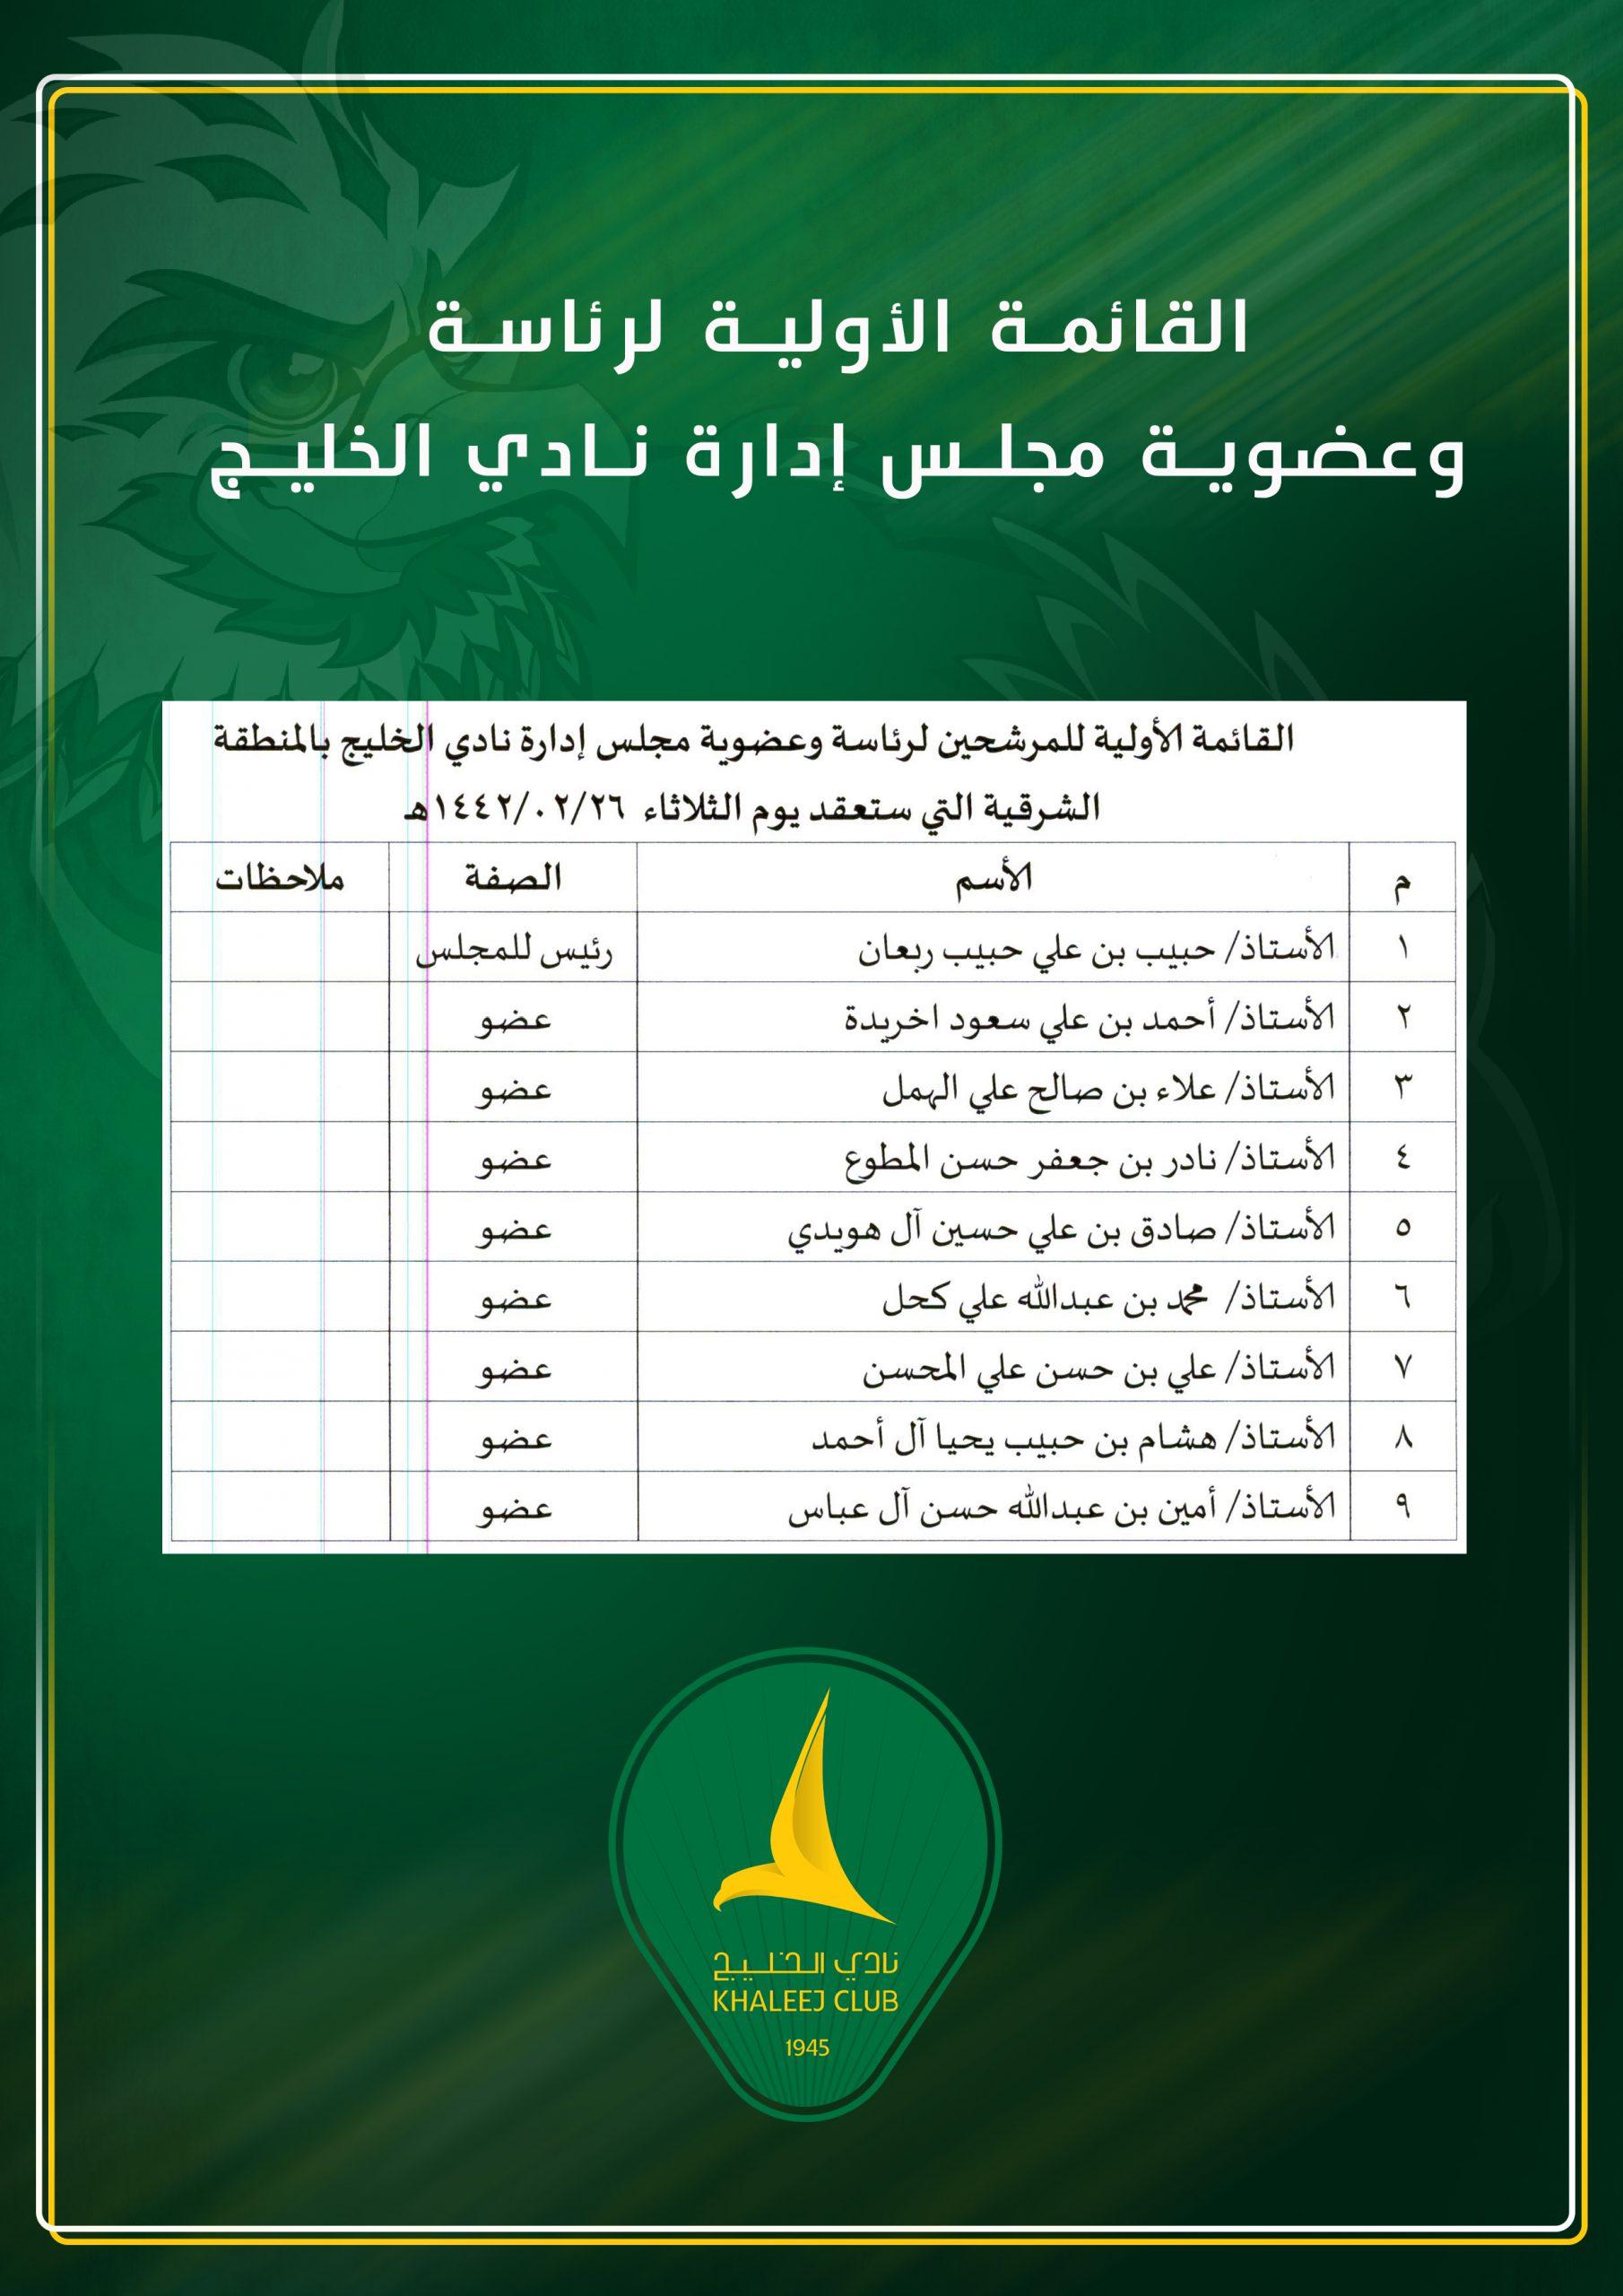 إعلان القائمة الأولية للمرشحين لرئاسة وعضوية مجلس الإدارة والناخبين وفتح باب الطعون